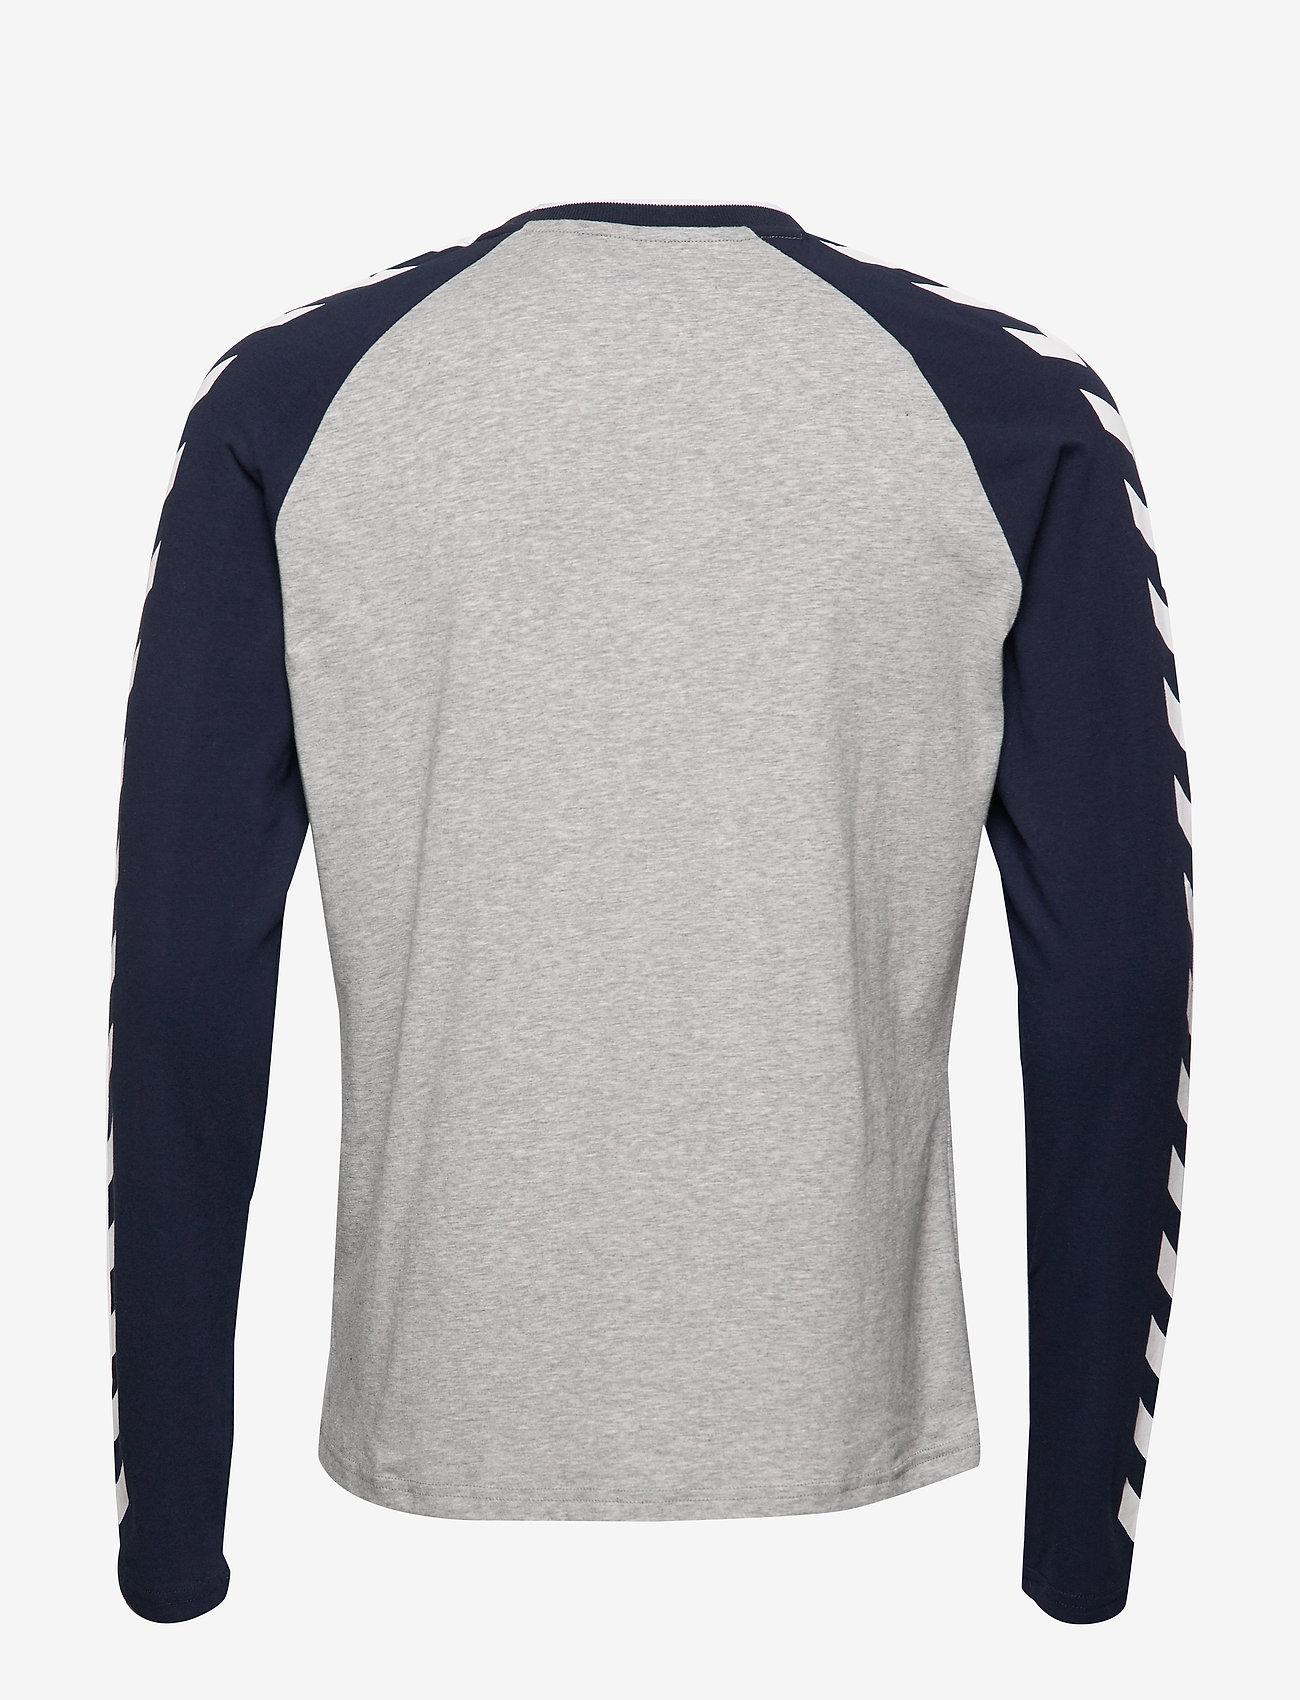 Hummel - hmlMARK T-SHIRT L/S - bluzki z długim rękawem - grey melange - 1